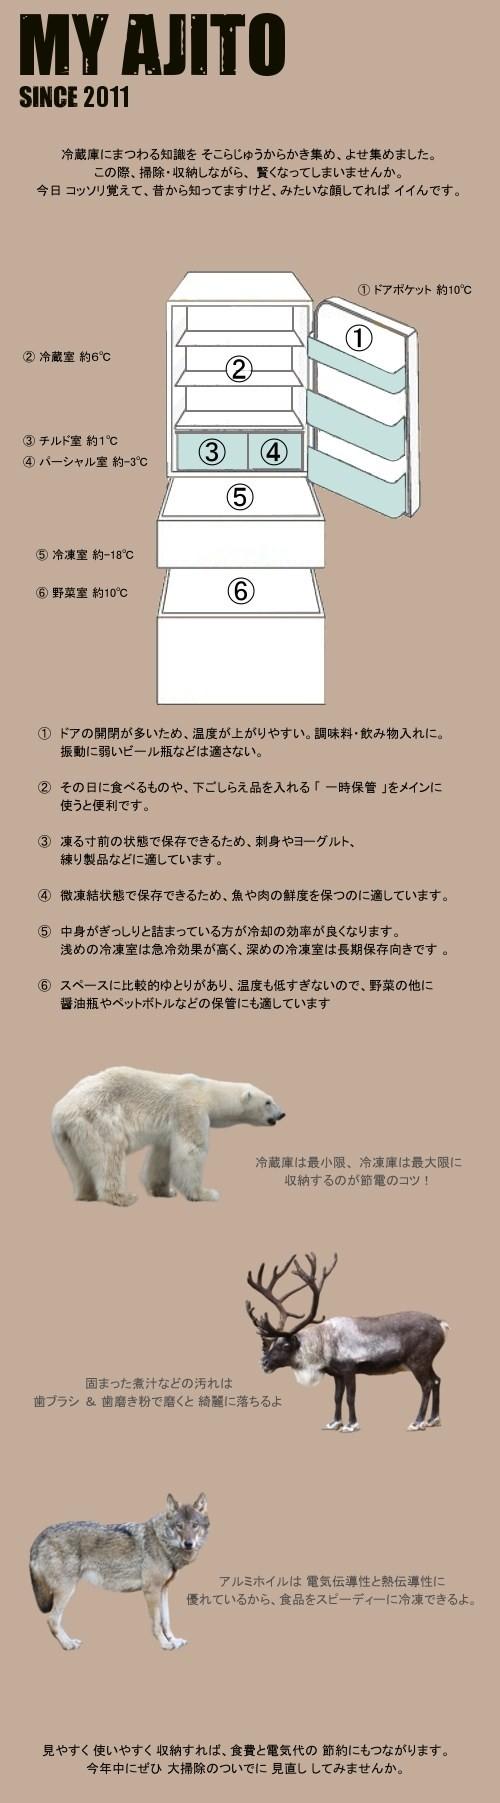 reito_4.jpg